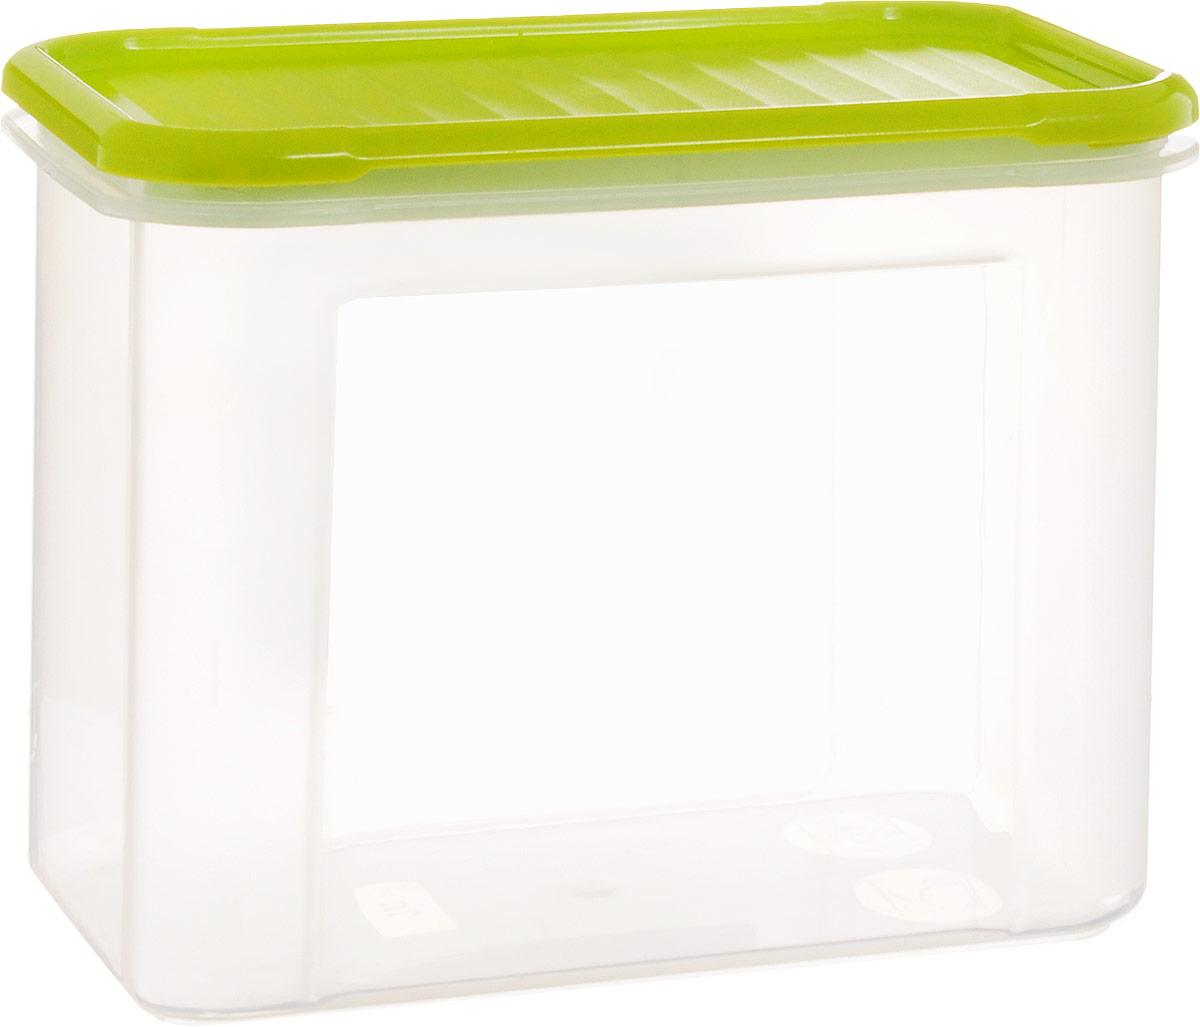 Банка для сыпучих продуктов Giaretti Krupa, цвет: оливковый, прозрачный, 1 л банка для сыпучих продуктов giaretti krupa с дозатором цвет оливковый прозрачный 750 мл